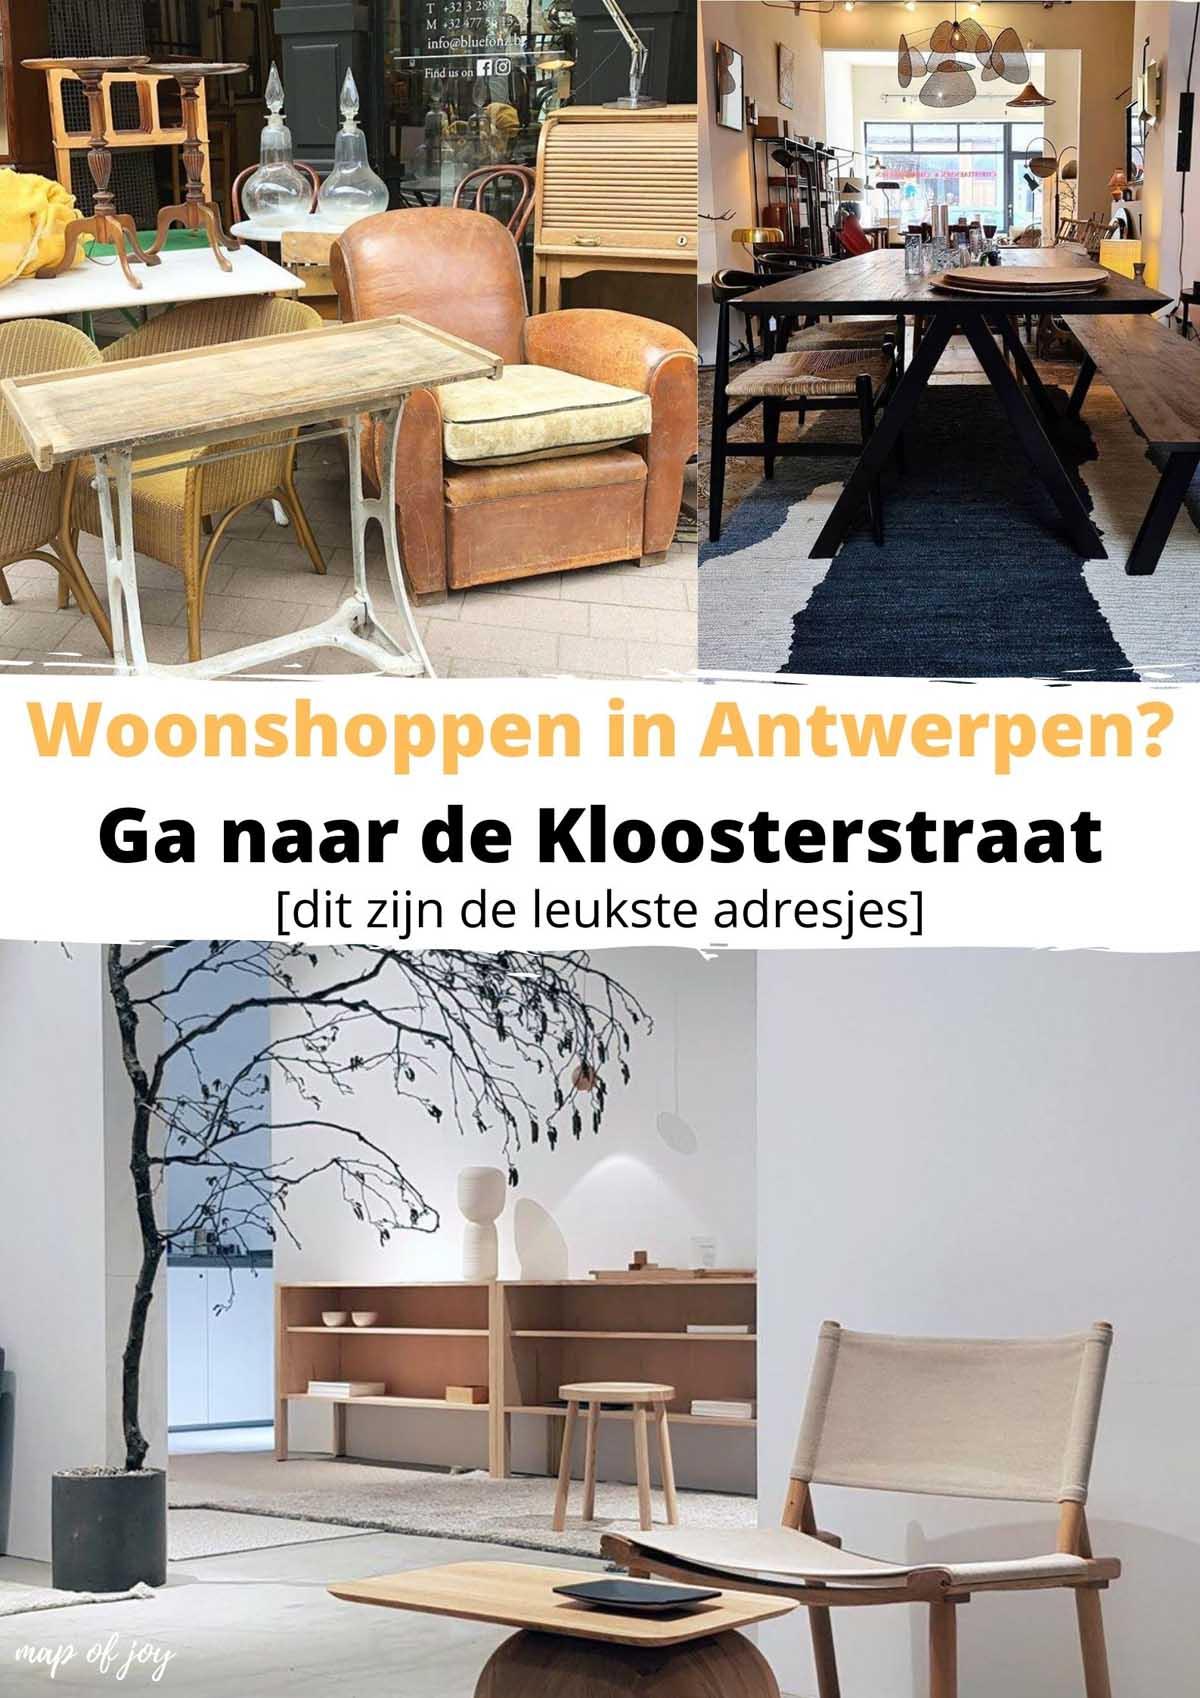 Woonshoppen in Antwerpen? Ga naar de Kloosterstraat [dit zijn de leukste adresjes]